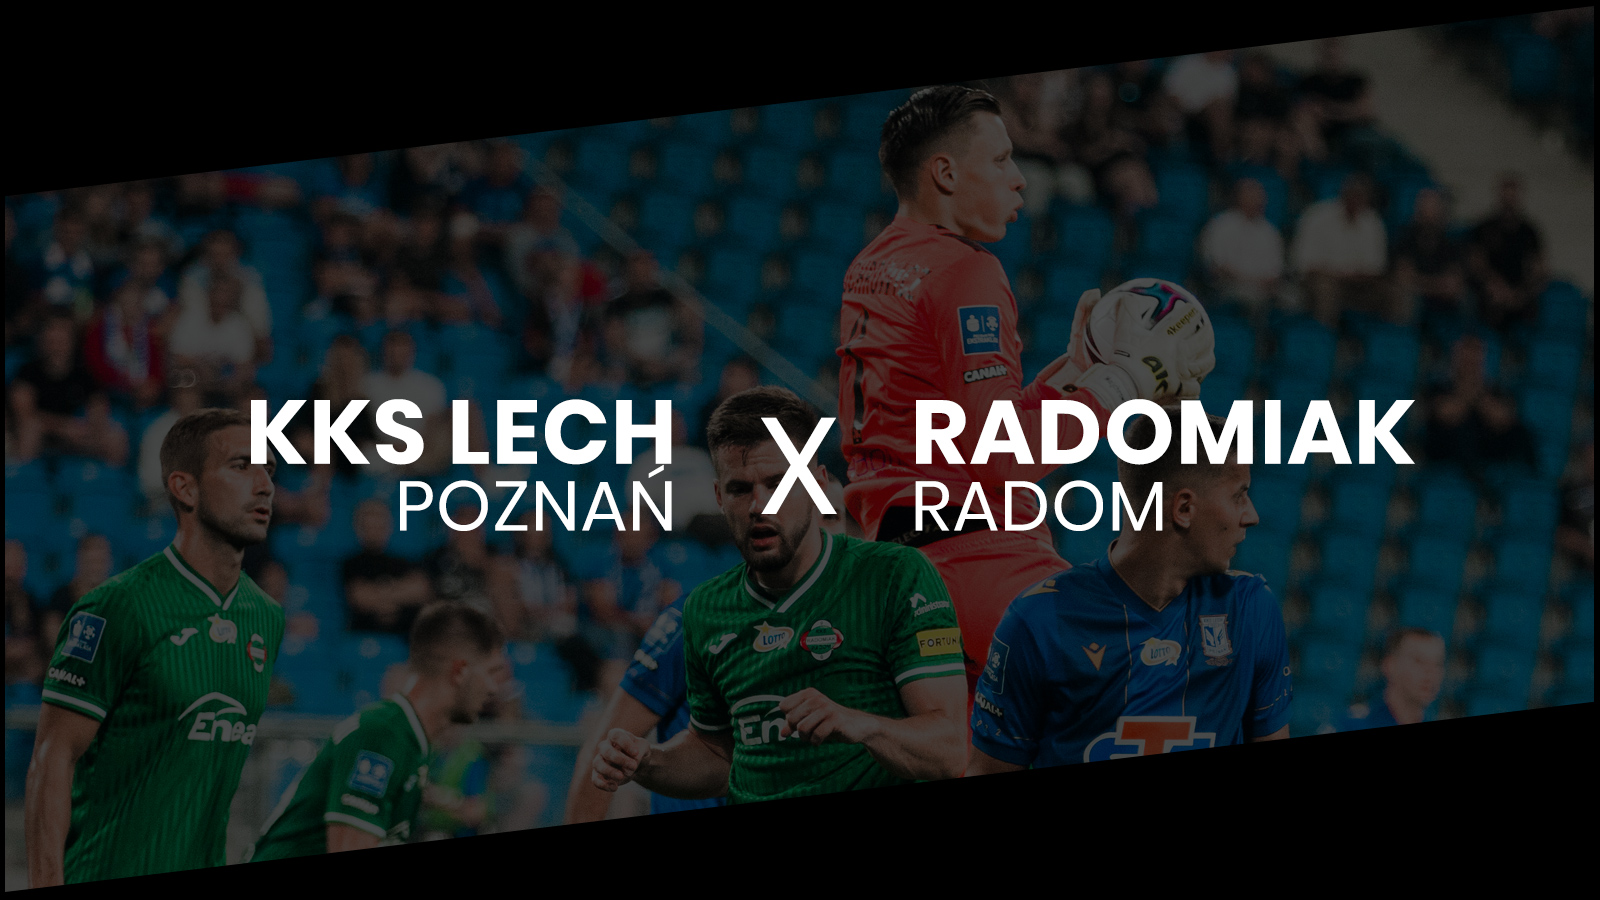 Lech Poznań - Radomiak photos by Kuba Malicki